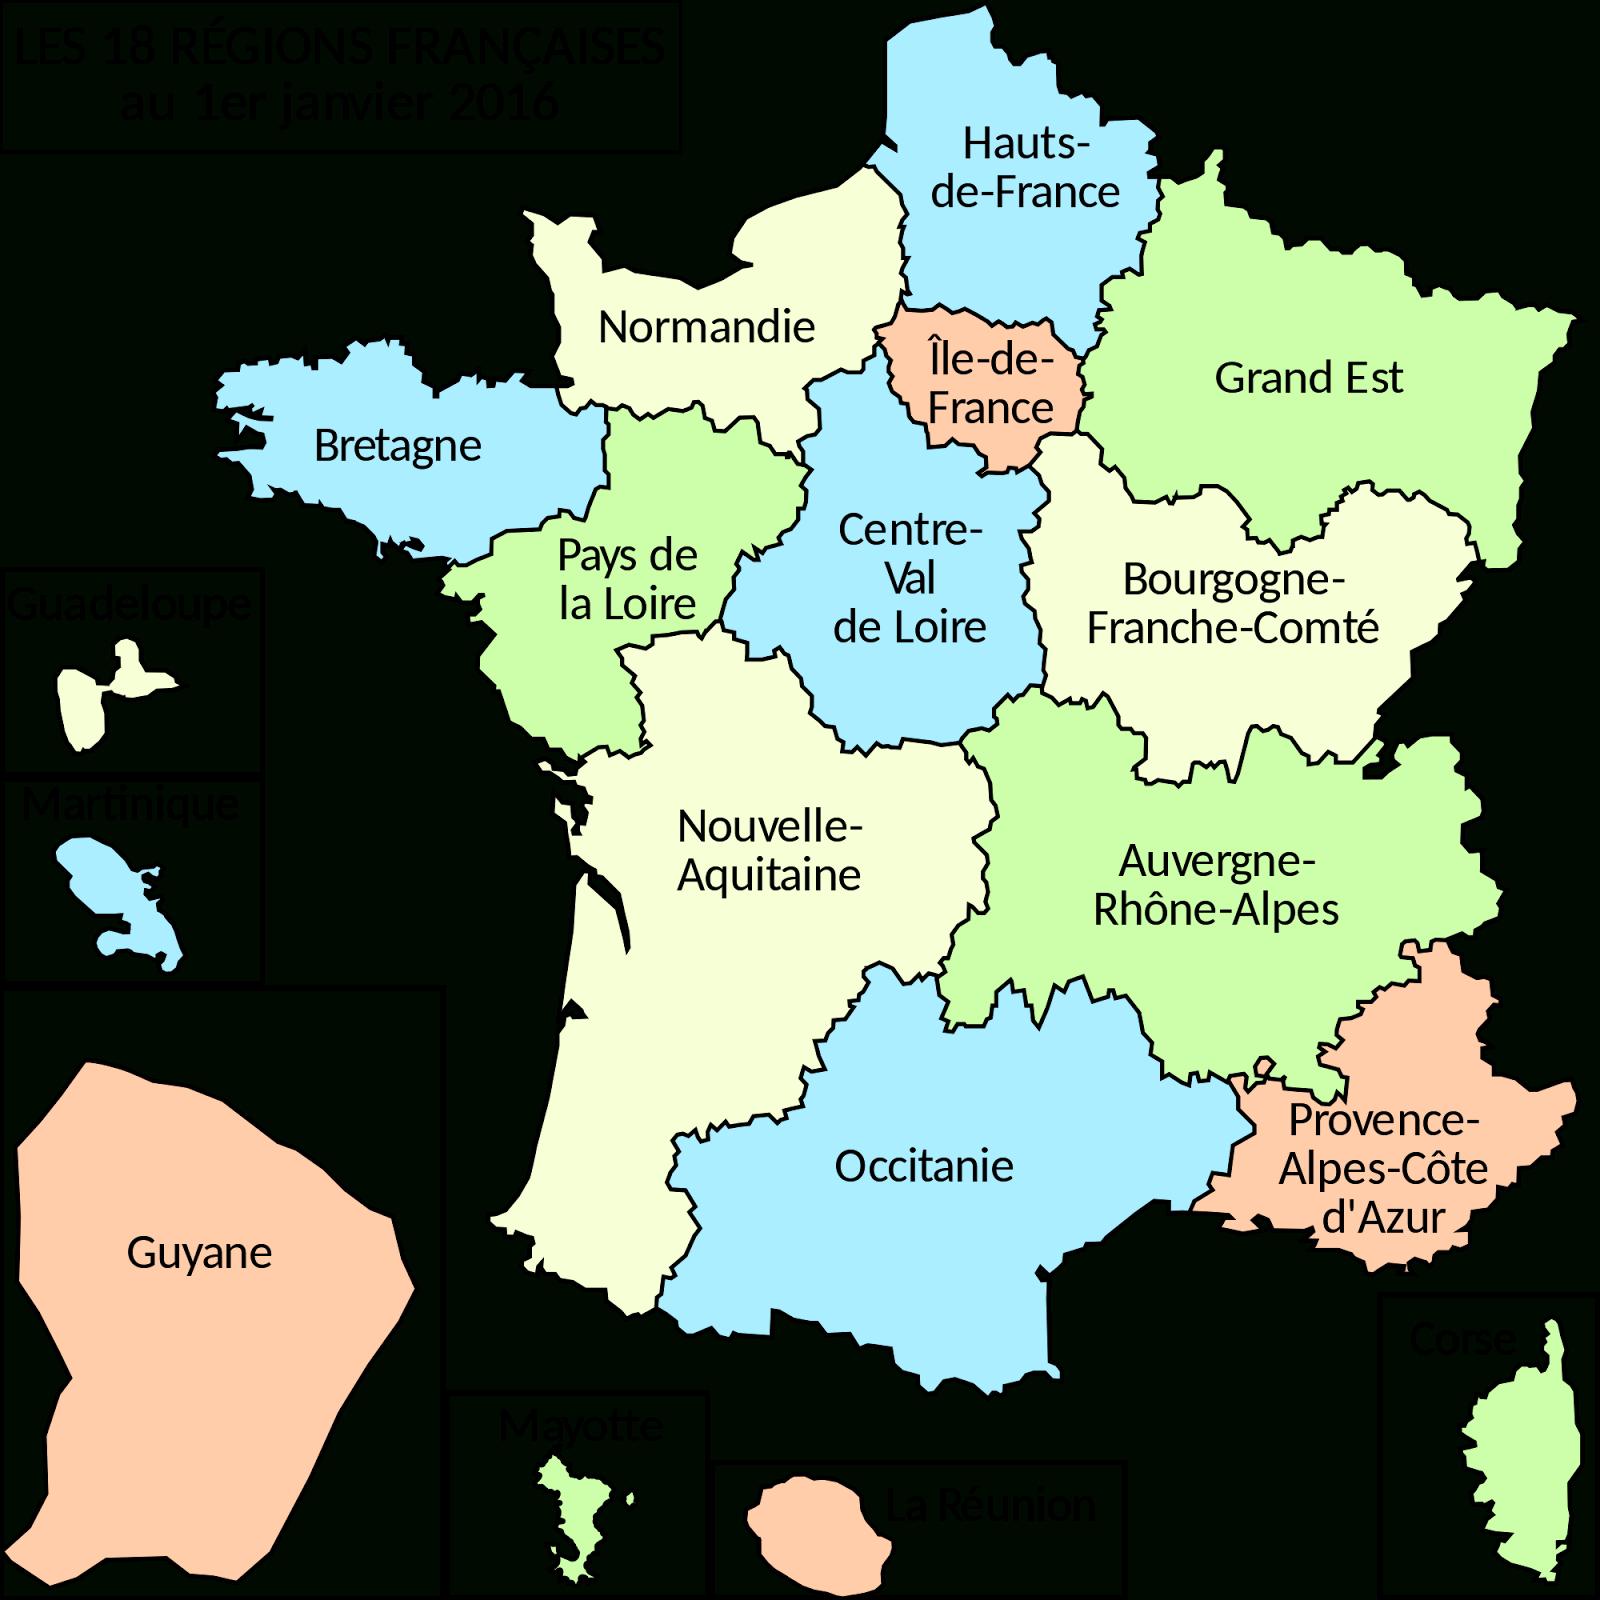 Cours De Français: Les Régions De France concernant Jeu Sur Les Régions De France